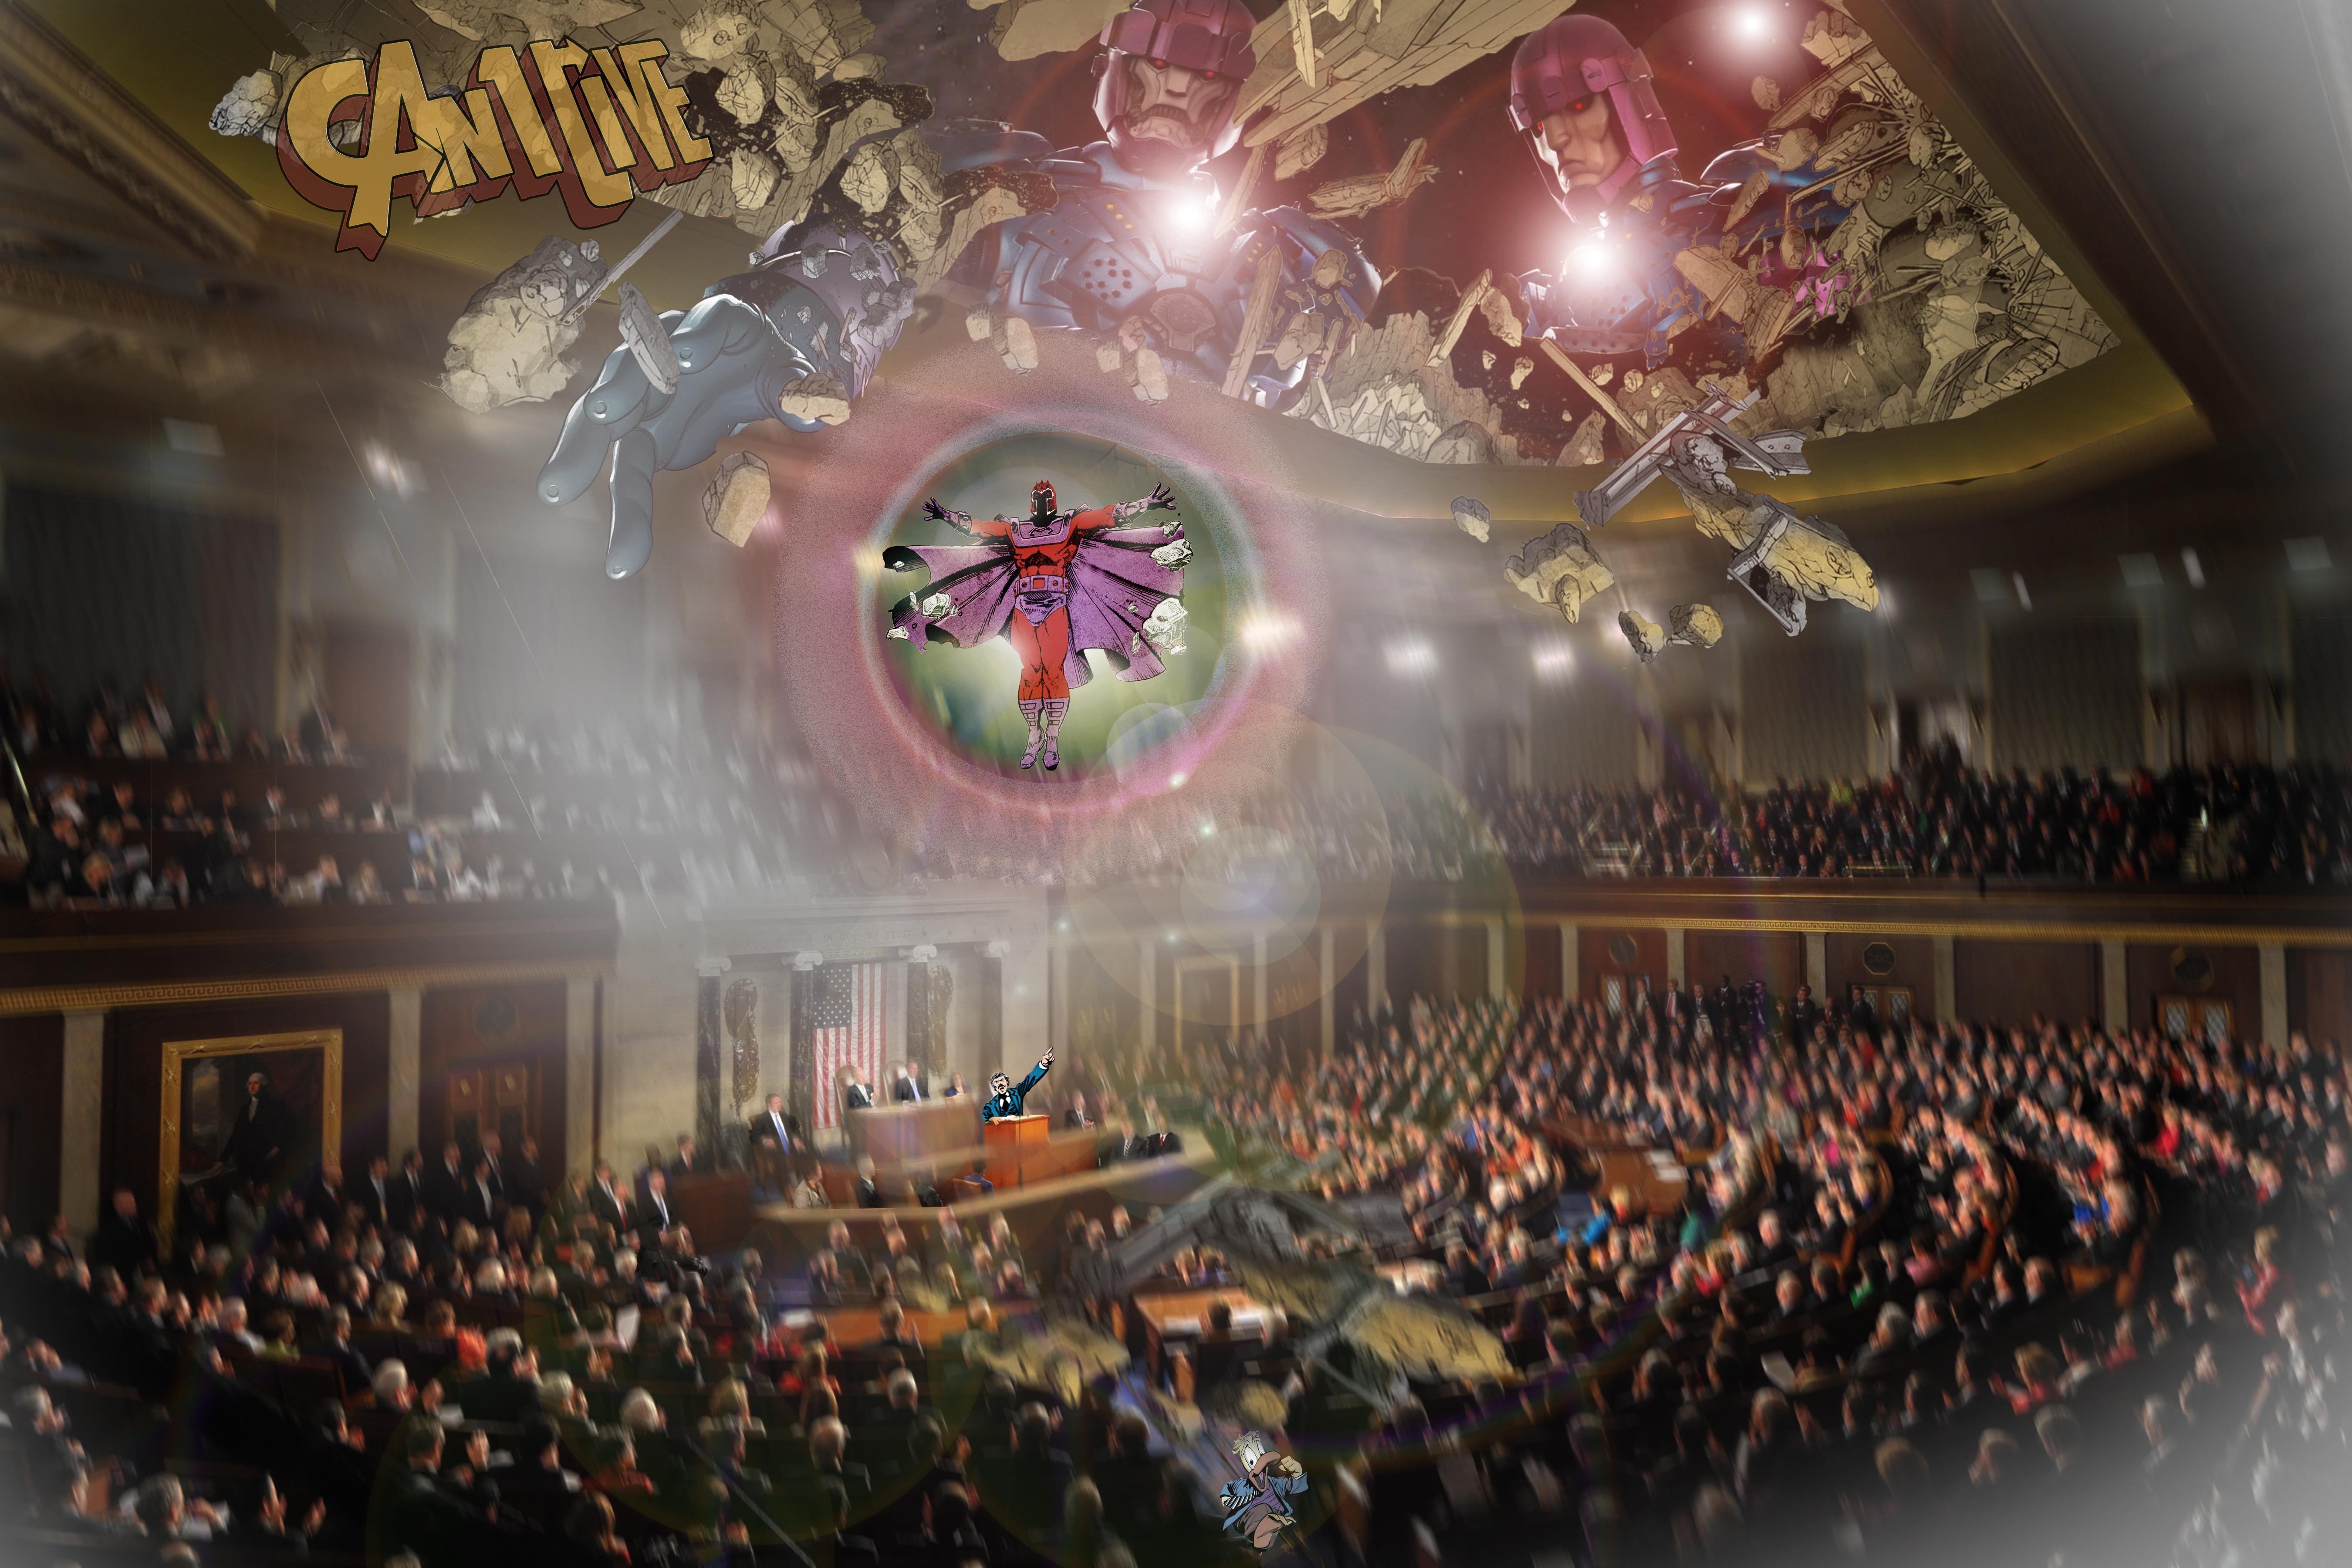 Congress-magneto-insta.jpg